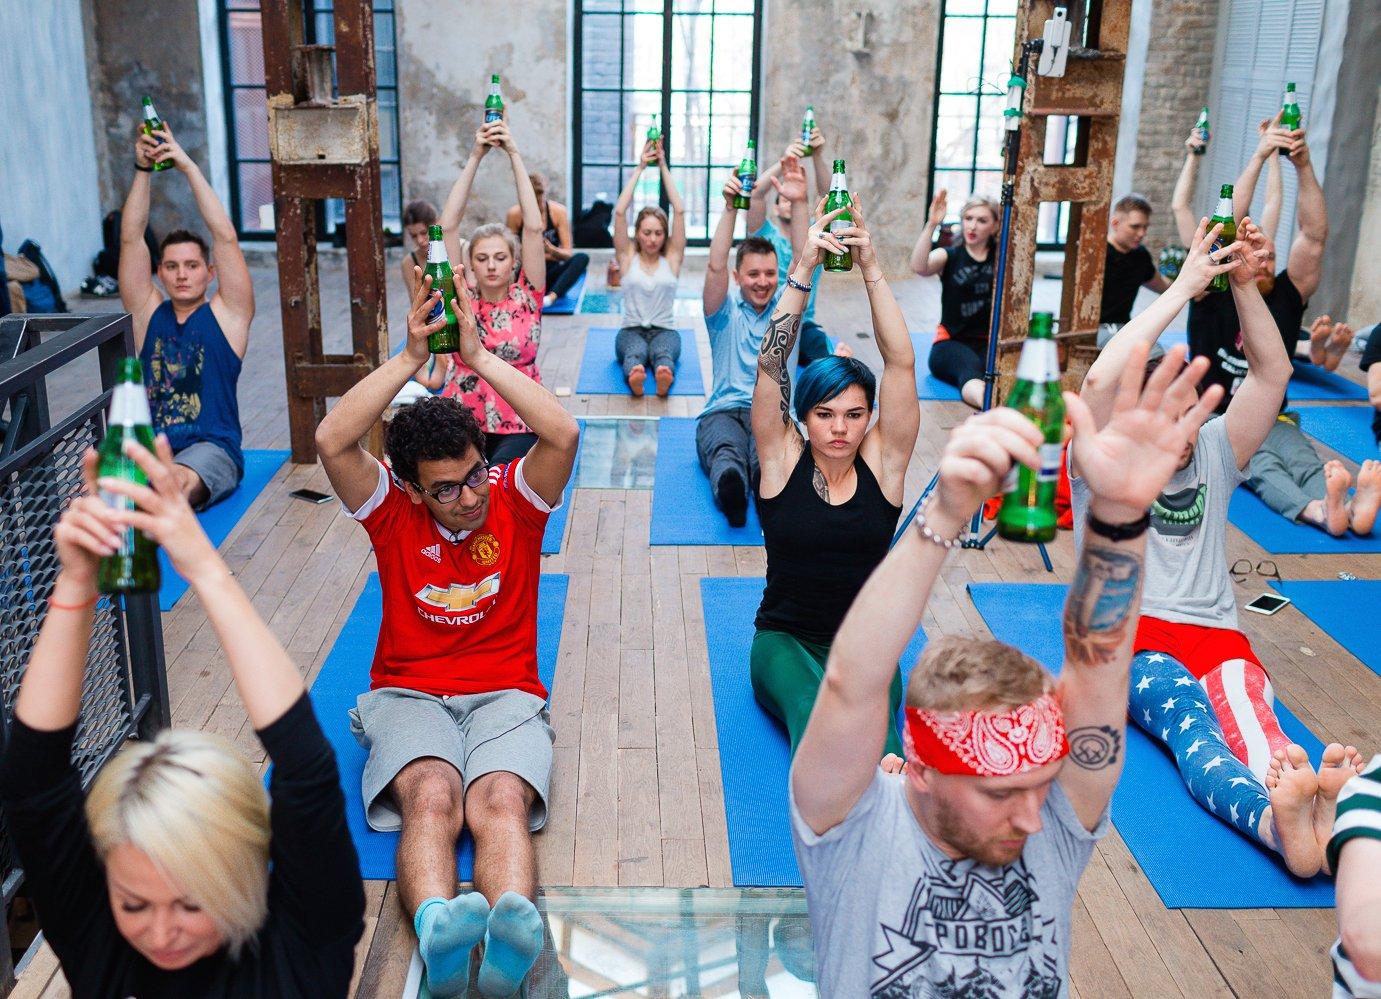 Организация первого официального занятия по пивной йоге в России